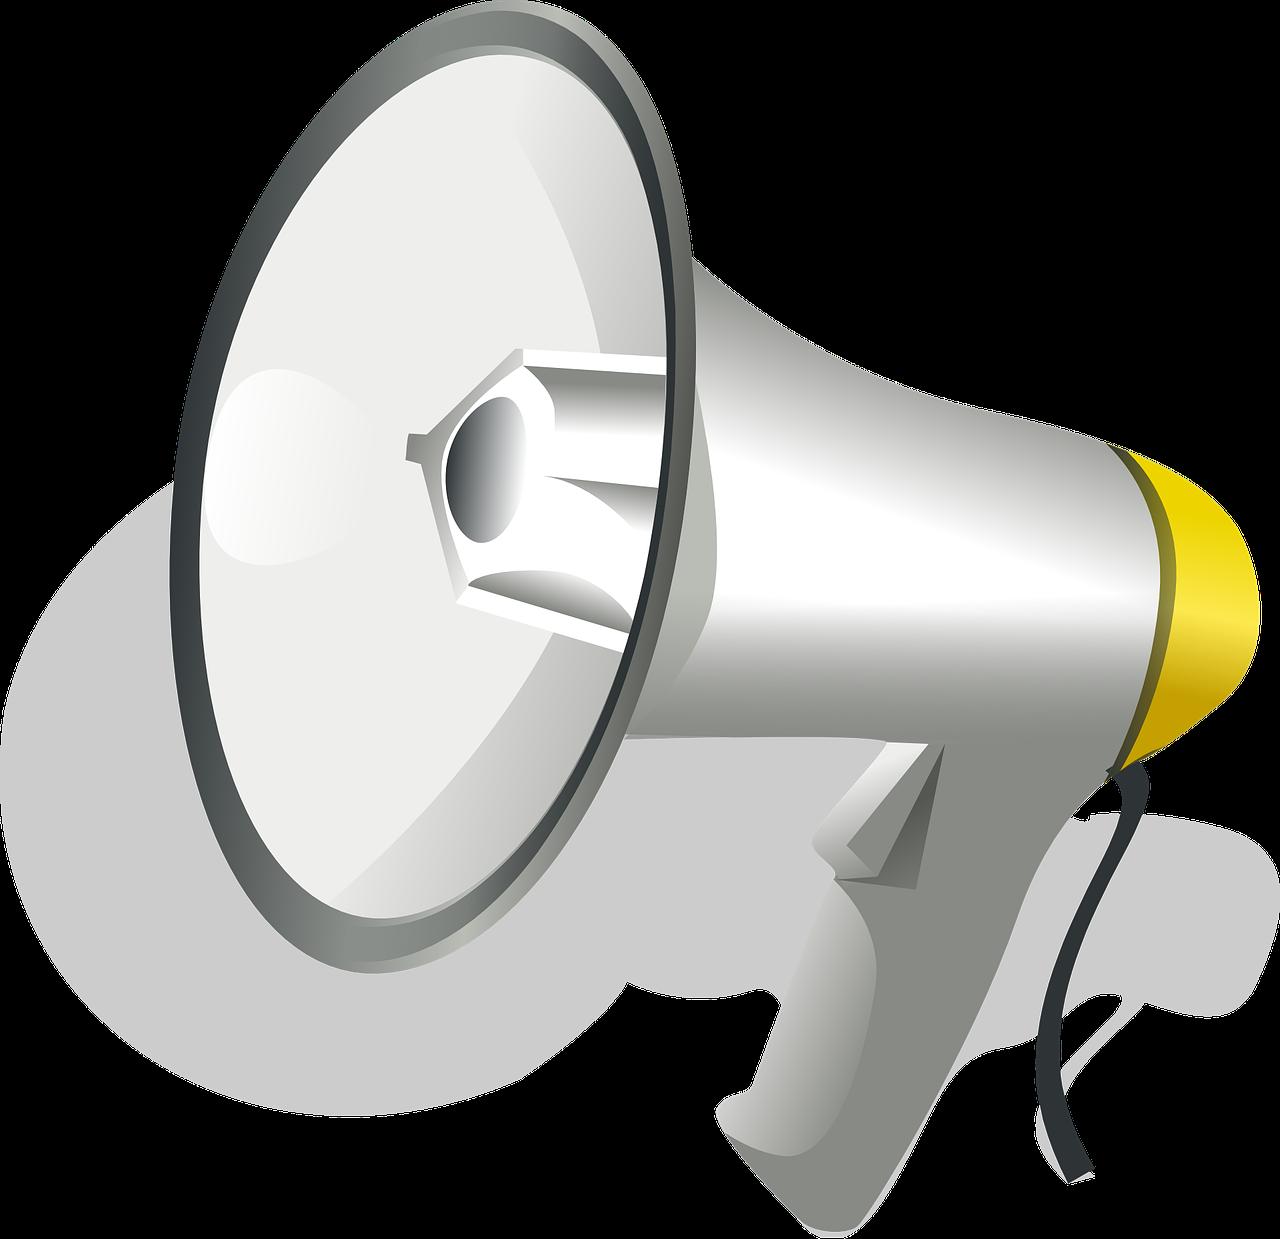 3 pytania sprawdzające czy potrzebujesz pomocy w komunikacji kryzysowej